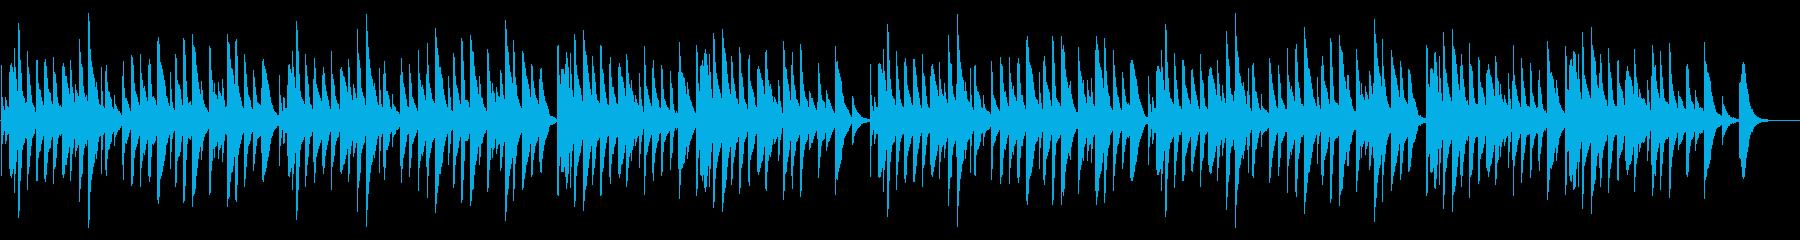 おしゃれでシンプルなオルゴールの再生済みの波形